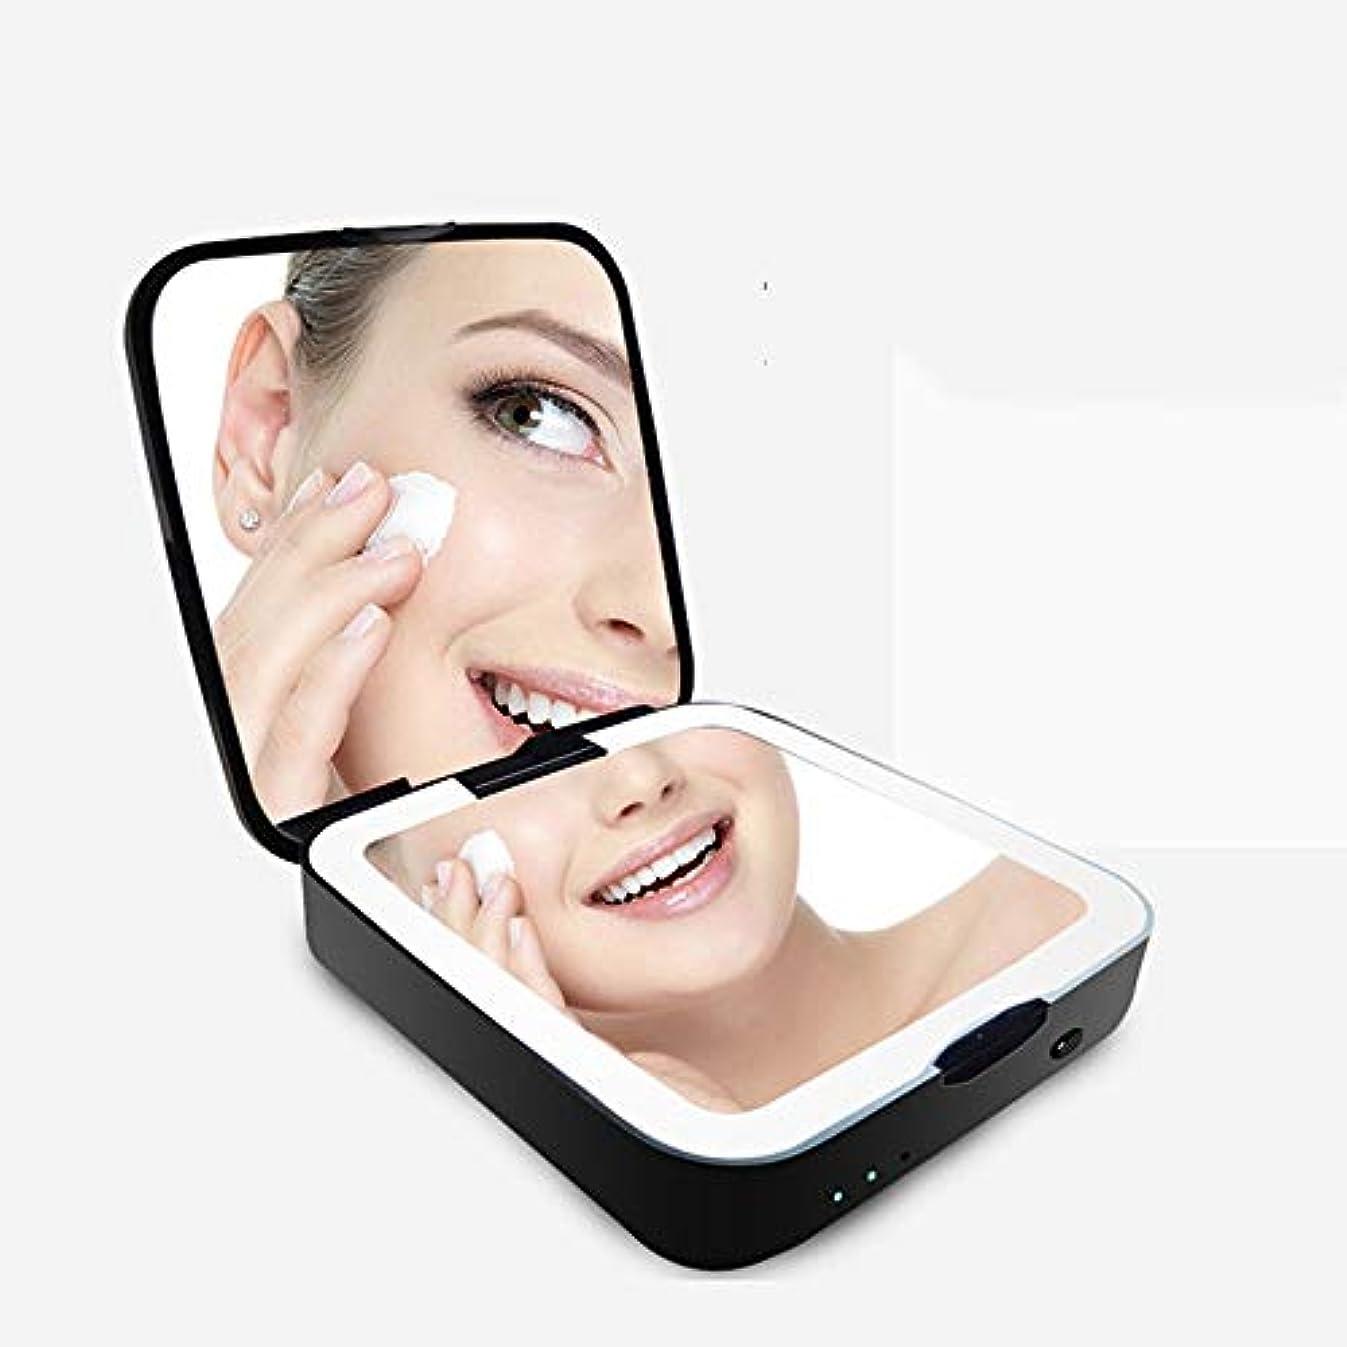 血まみれ愛情深い店員流行の 新しい両面折りたたみLEDライトポータブルポータブルミラー充電宝化粧鏡ABS黒美容ミラー虫眼鏡ナイトライト